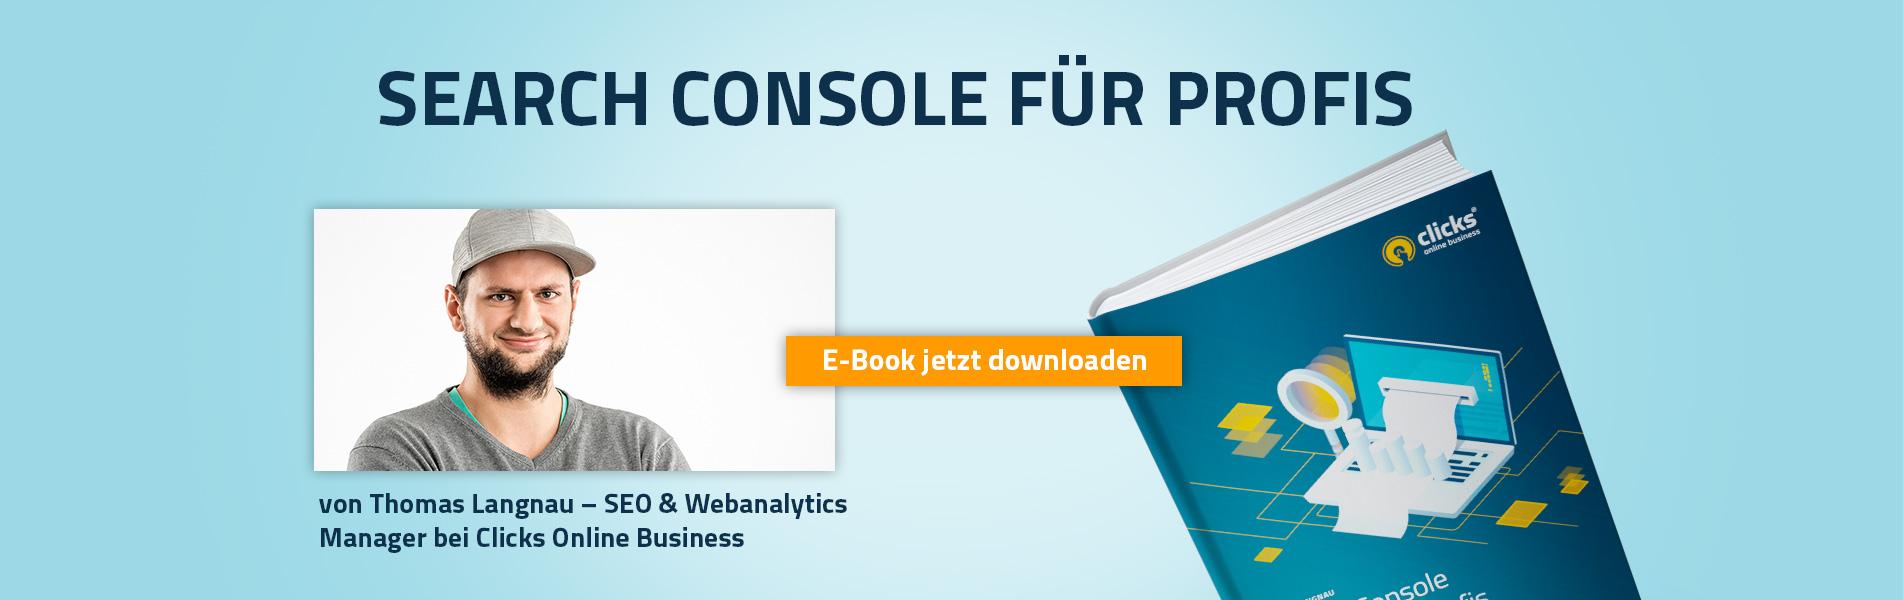 Search Console für Profis - eBook zum Downloaden